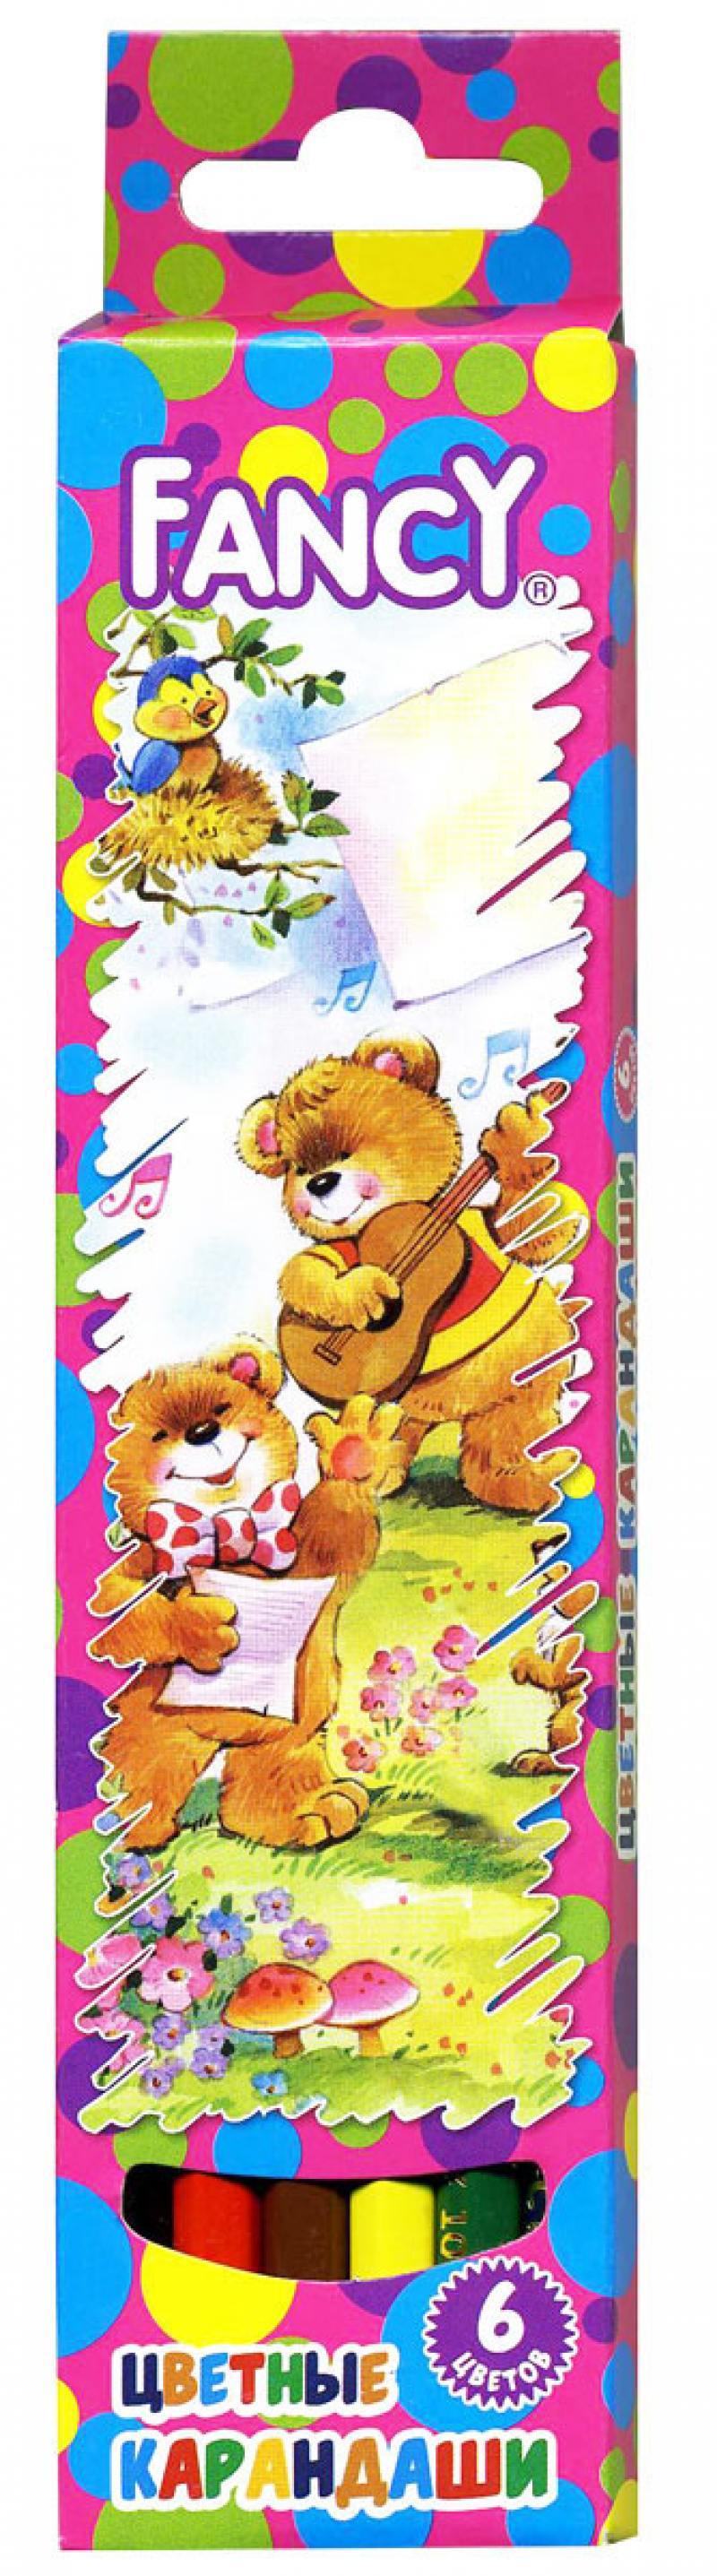 Набор цветных карандашей Action! Fancy 6 шт FCP103-06 action набор цветных карандашей 6 цветов